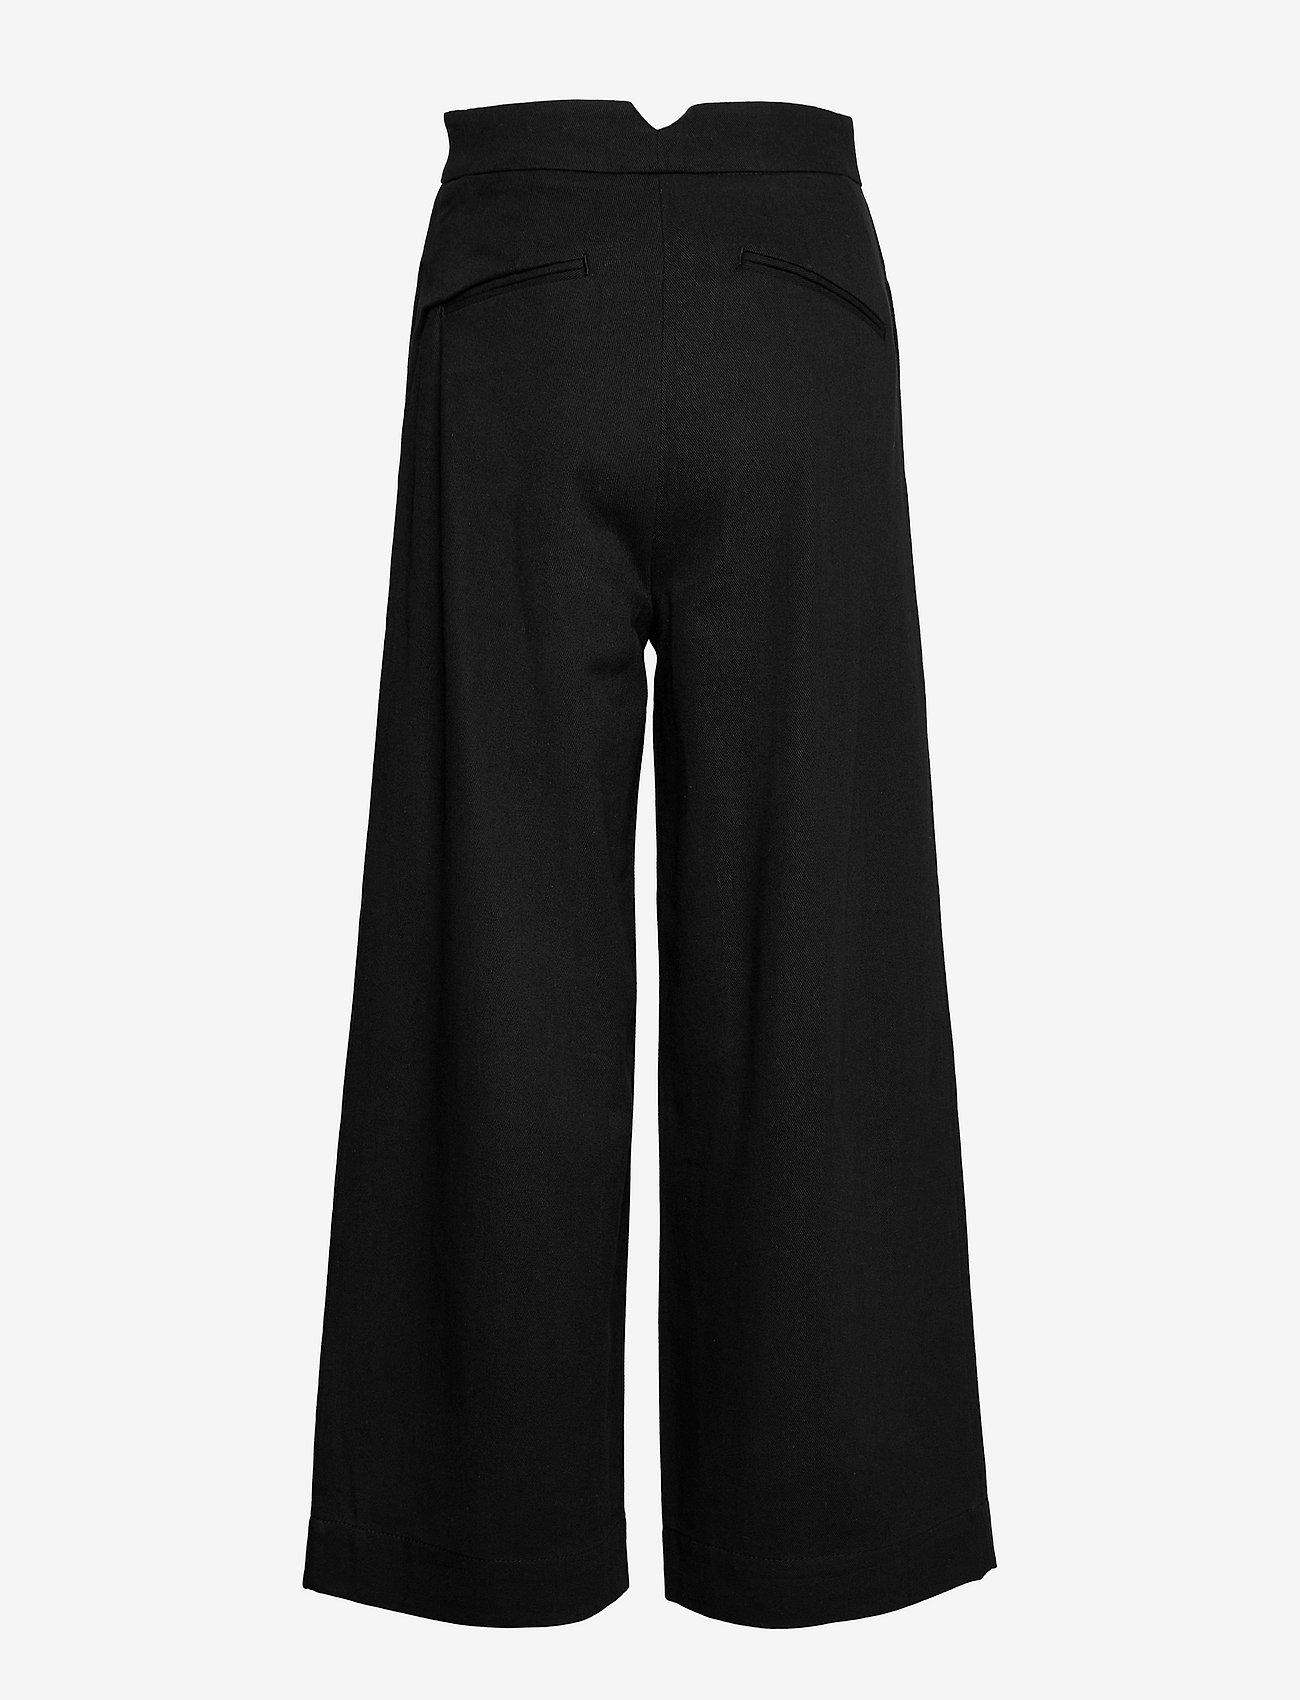 Cathrine Hammel - Twill wide leg pants - bukser med brede ben - black - 1